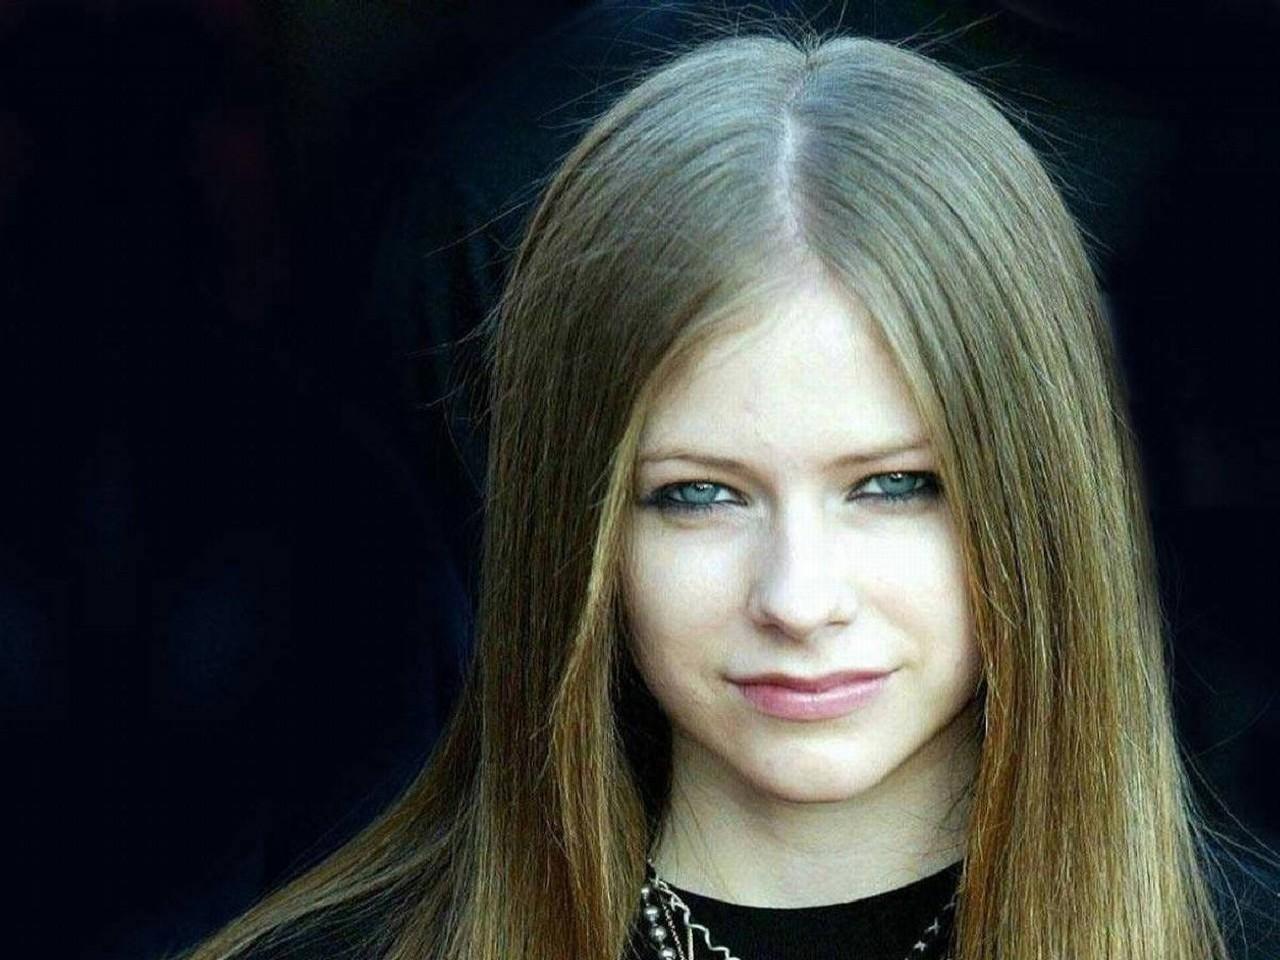 Wallpaper di Avril Lavigne